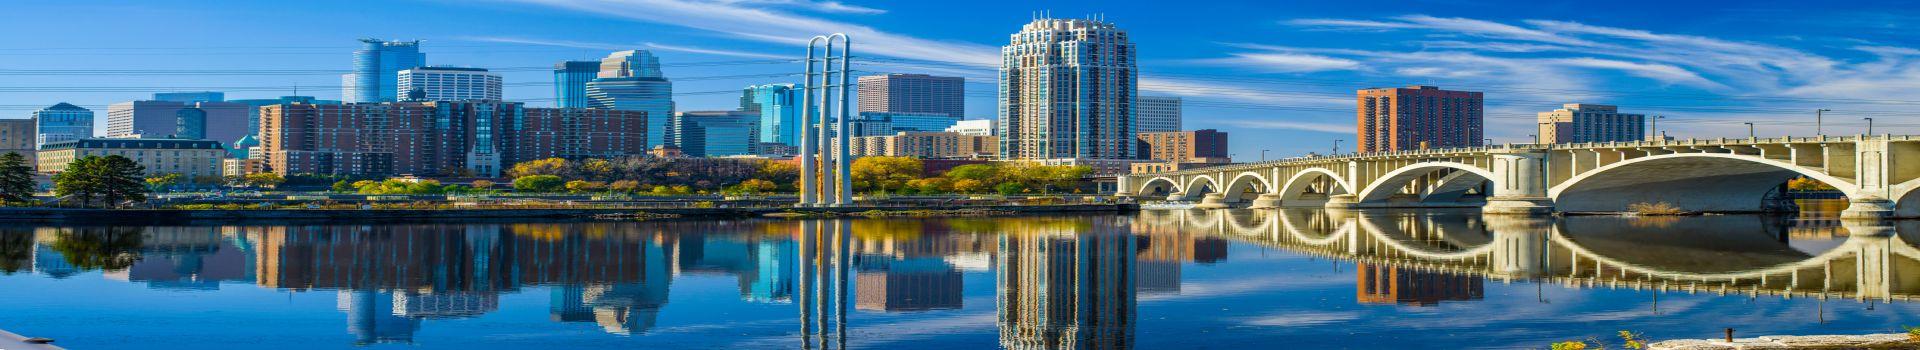 Minneapolis Panoramic resized